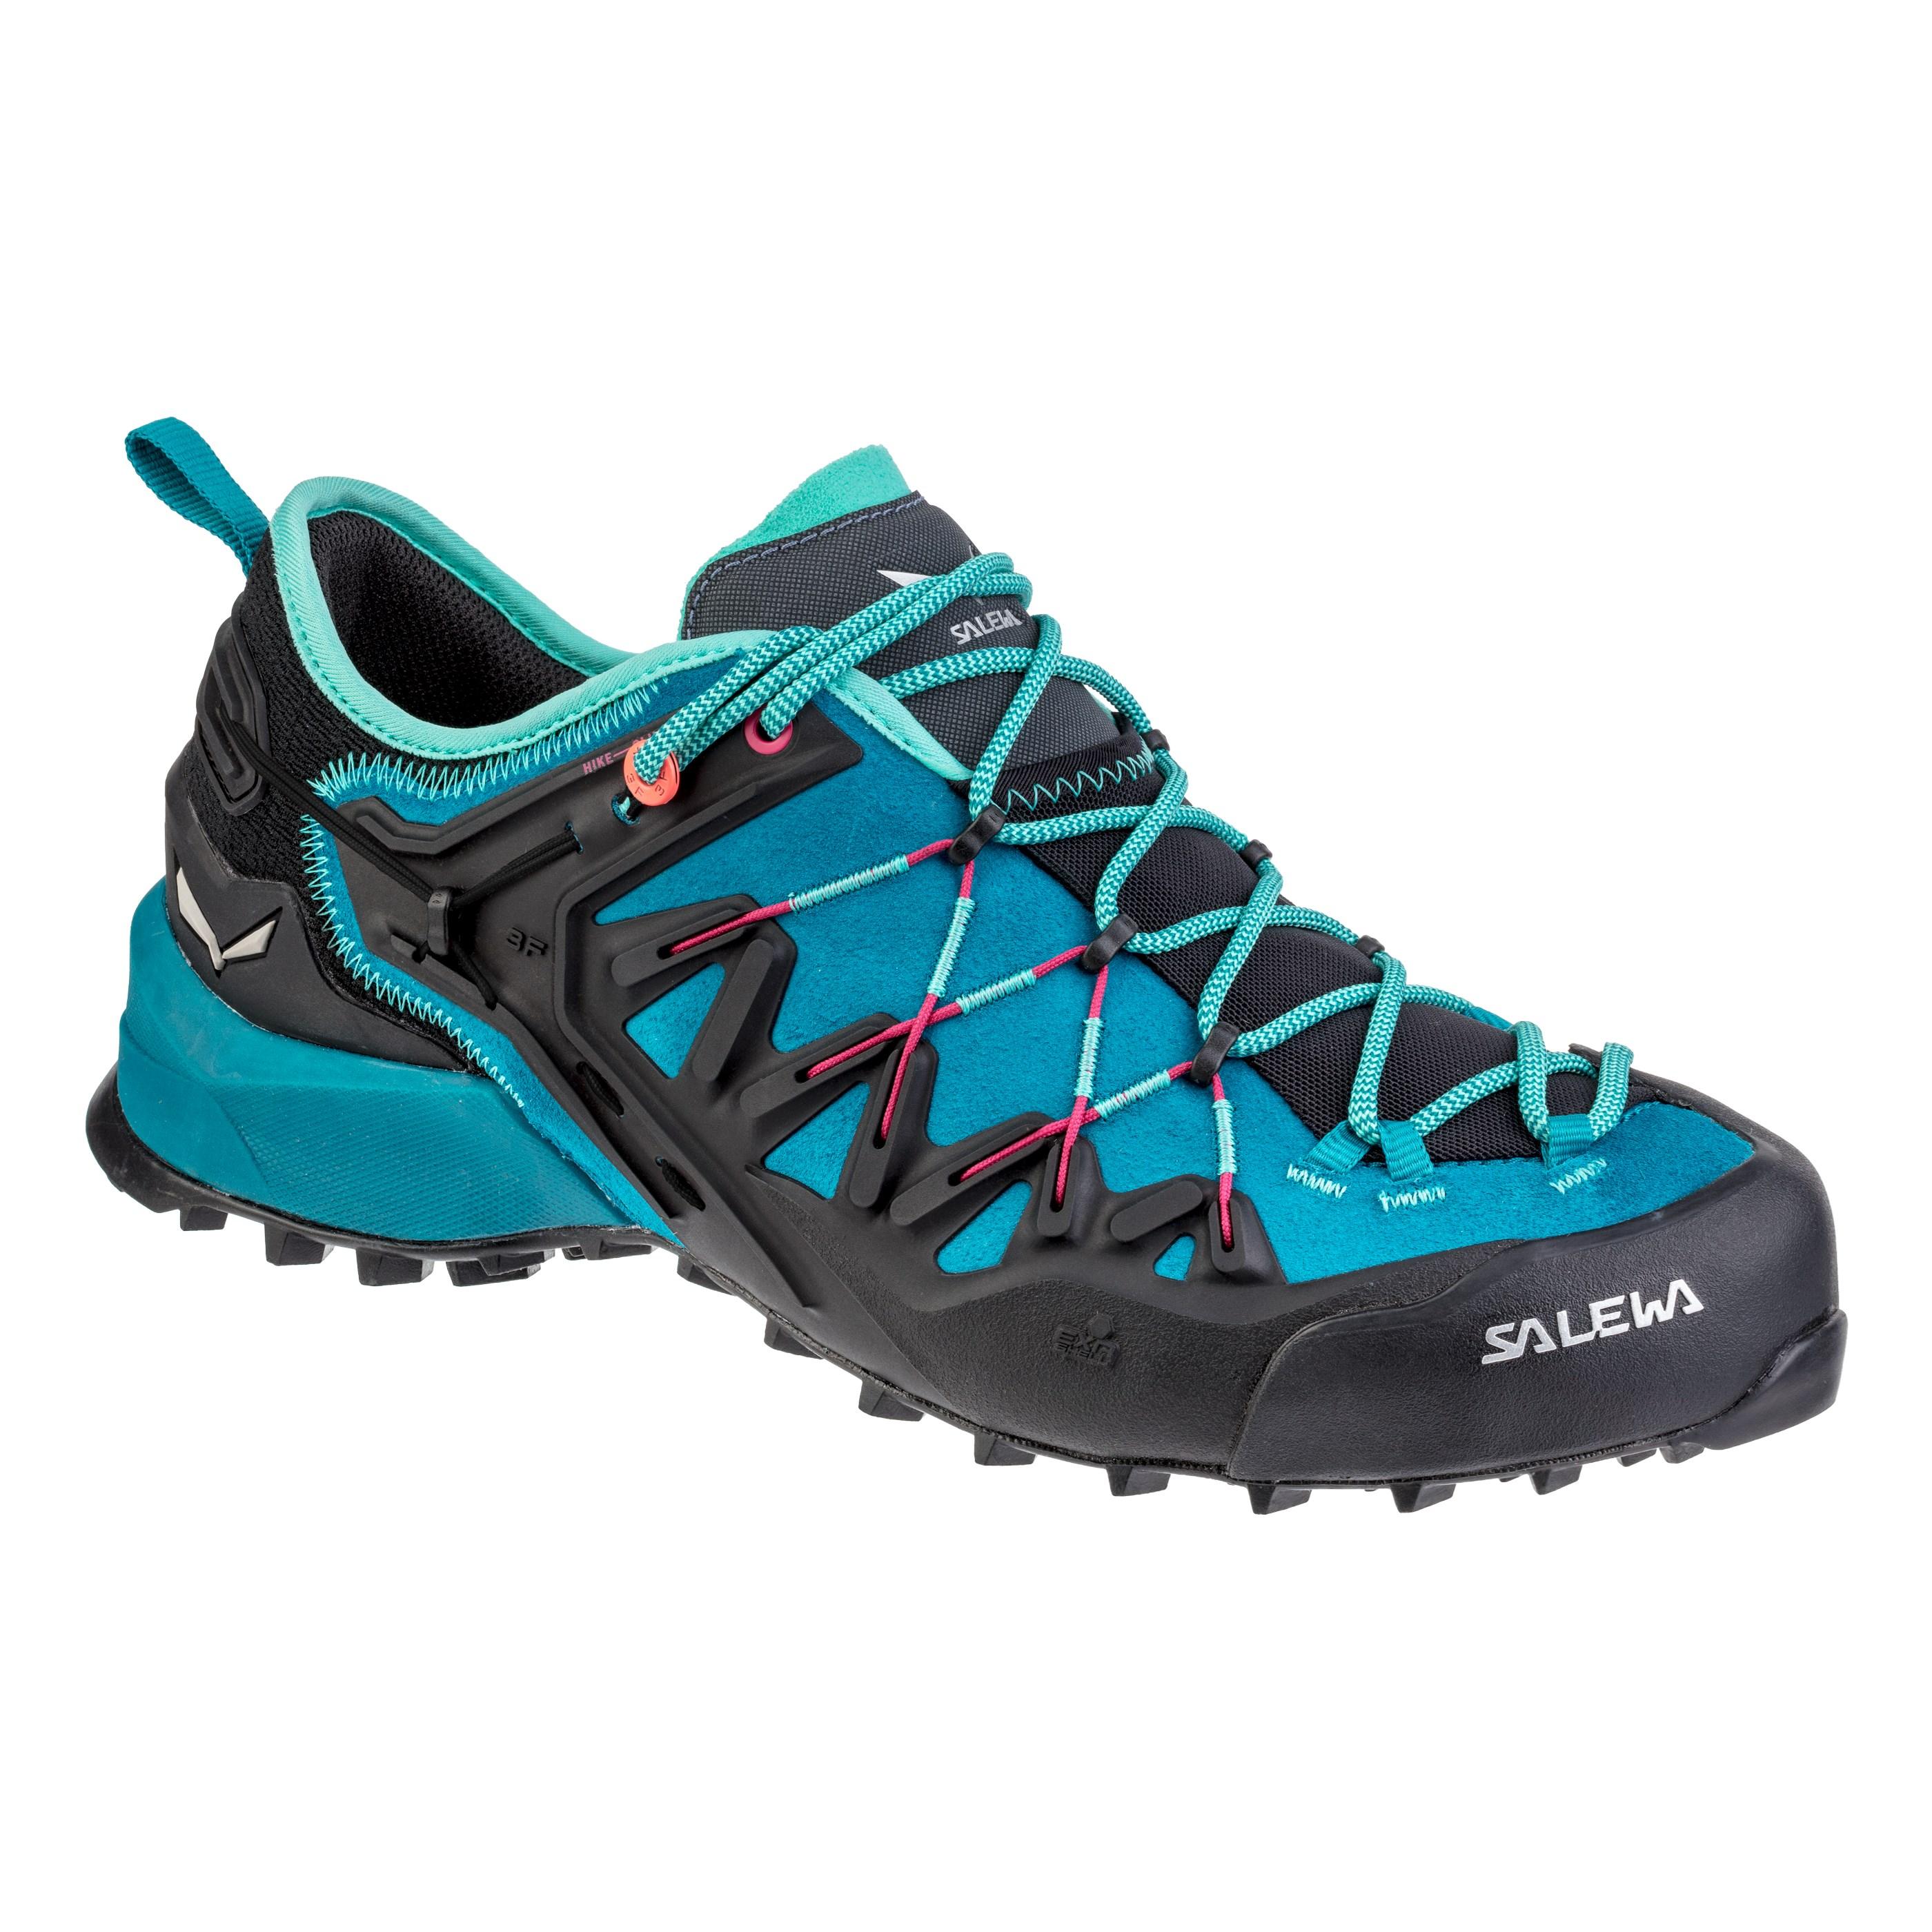 Dámske turistické topánky SALEWA WS WILDFIRE E  eddade5500e